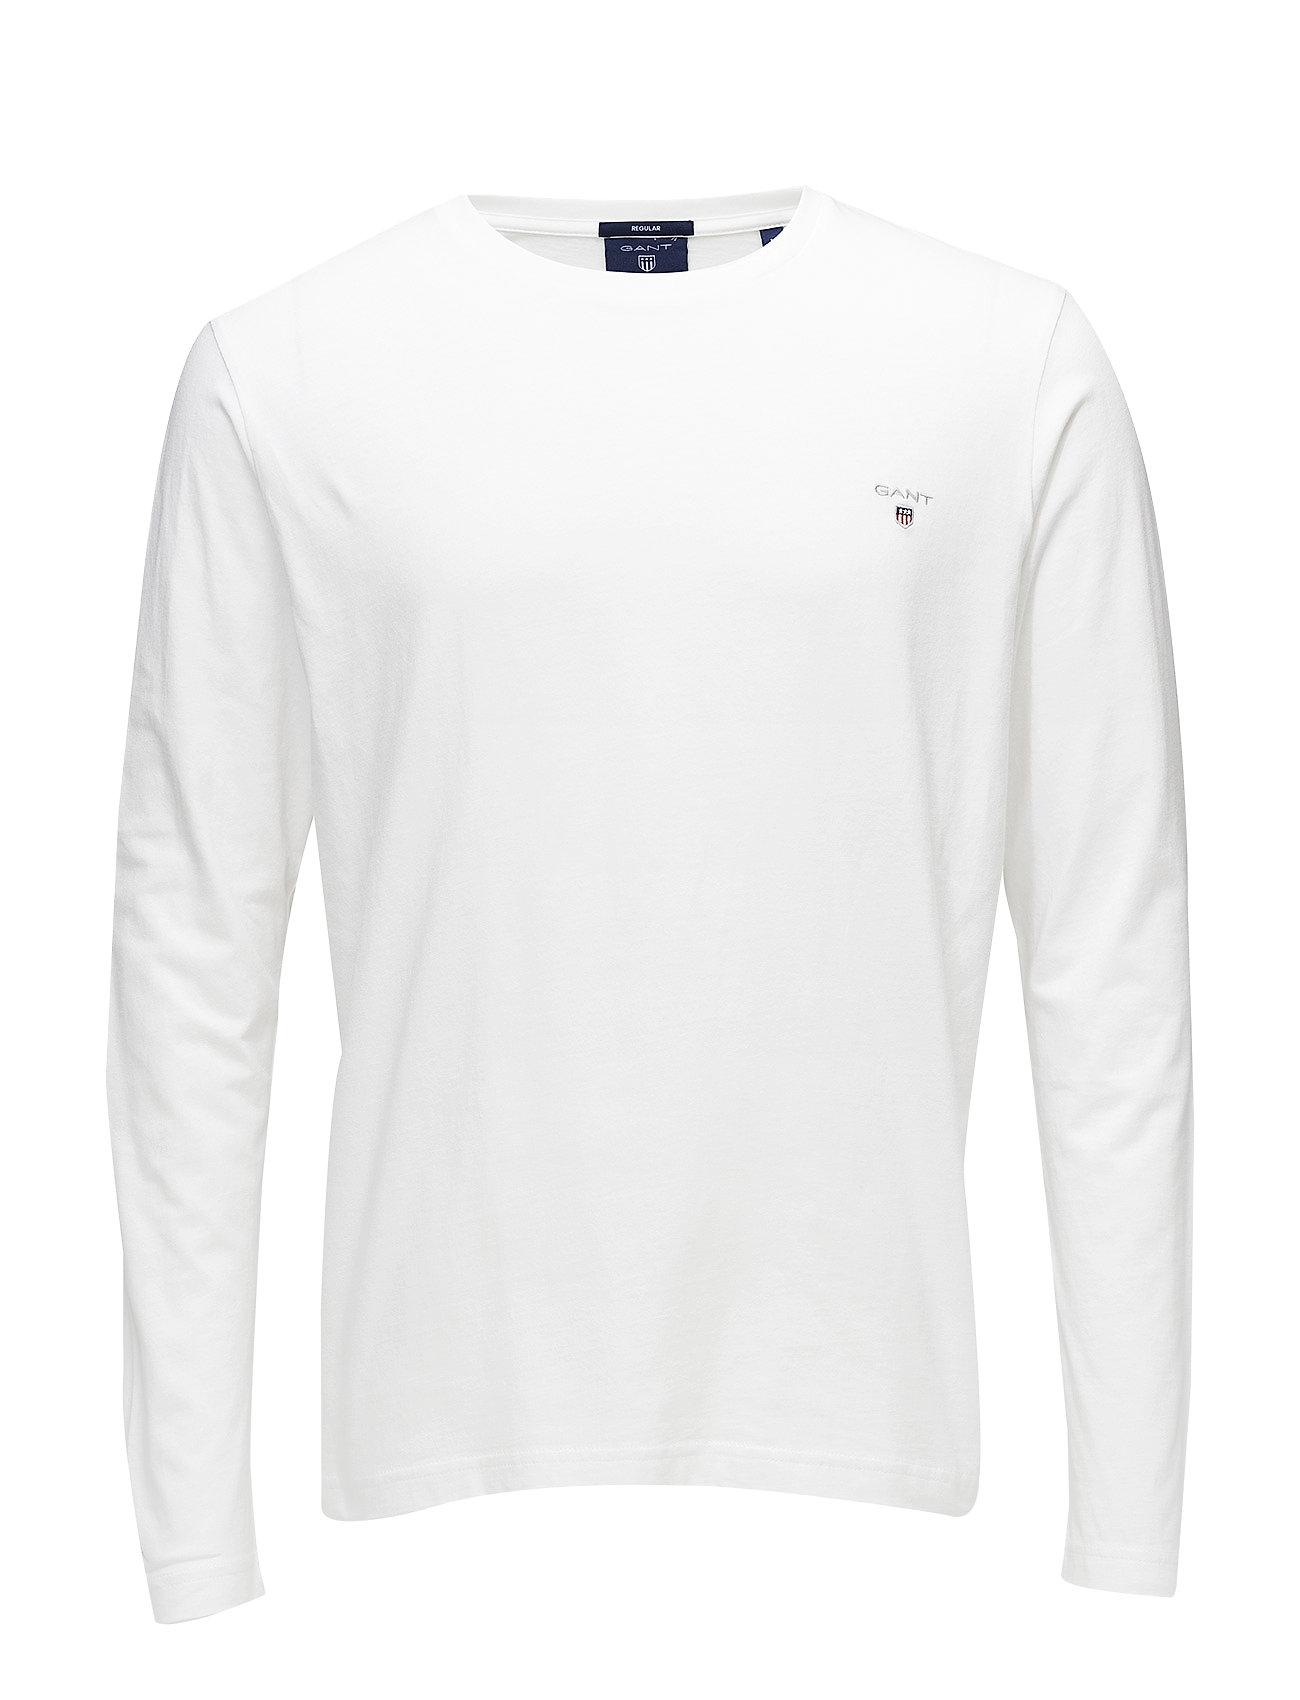 GANT THE ORIGINAL LS T-SHIRT - WHITE